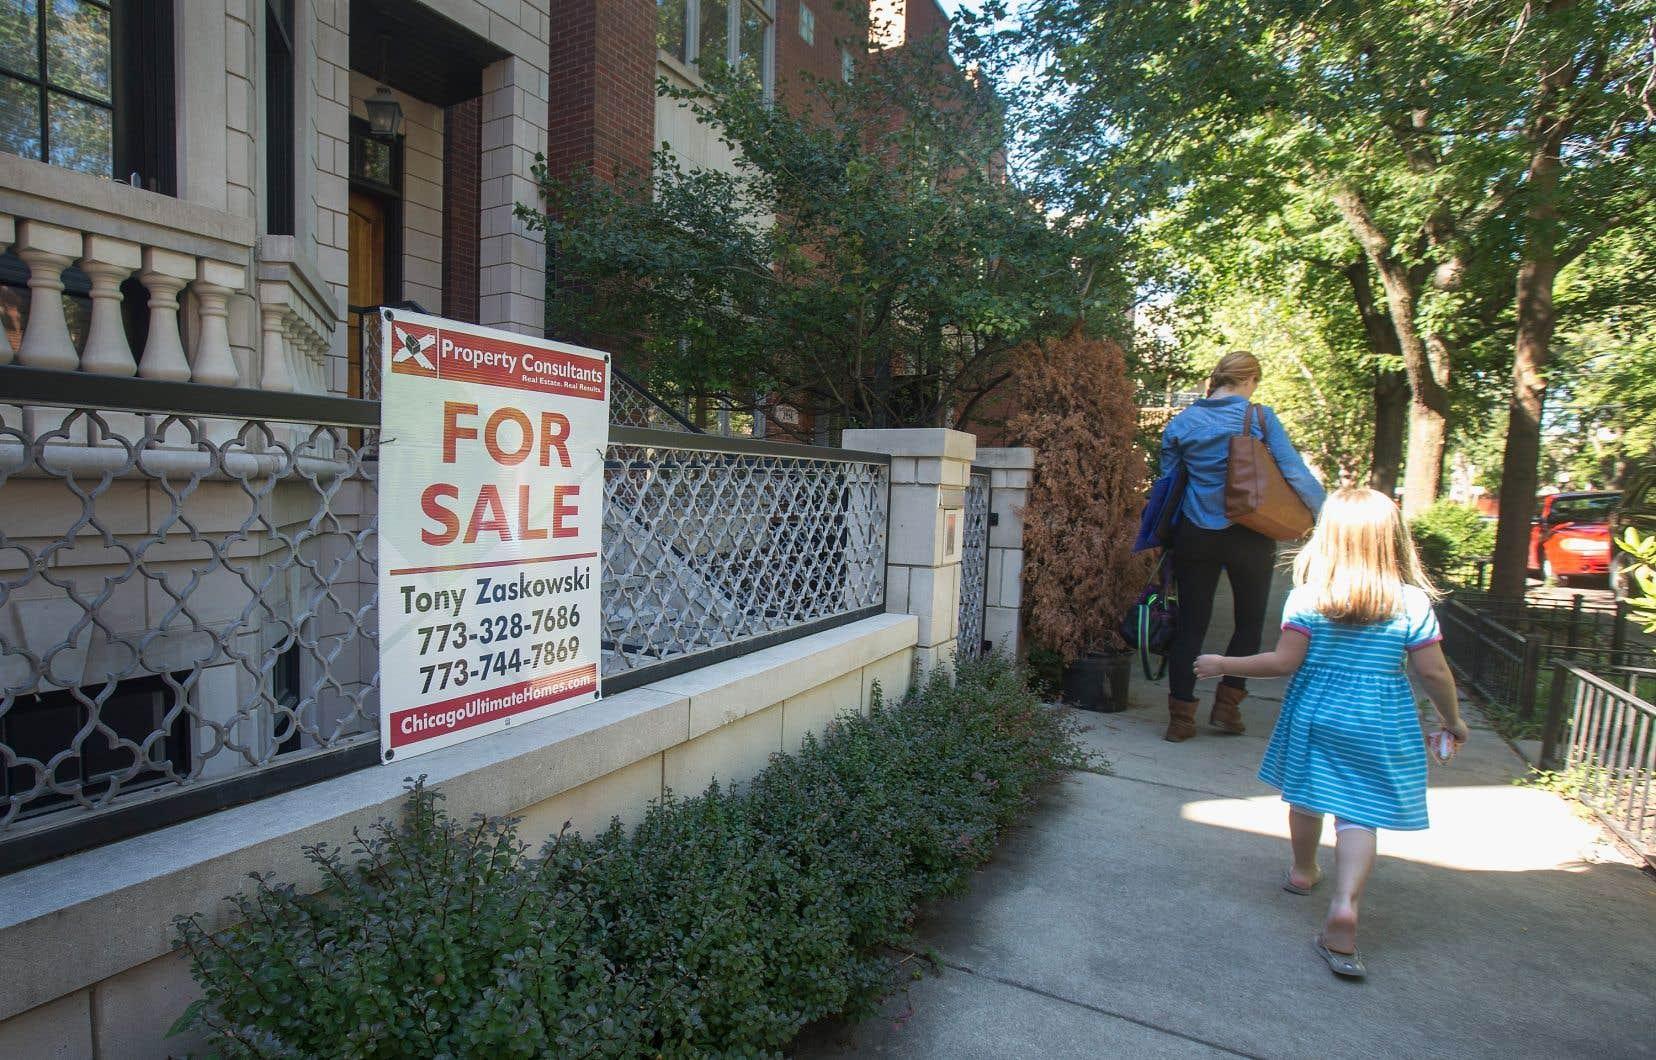 Le marché du logement aux États-Unis est touché par un écart de richesse croissant, alors que le nombre de logements à bas prix disponibles demeure faible.